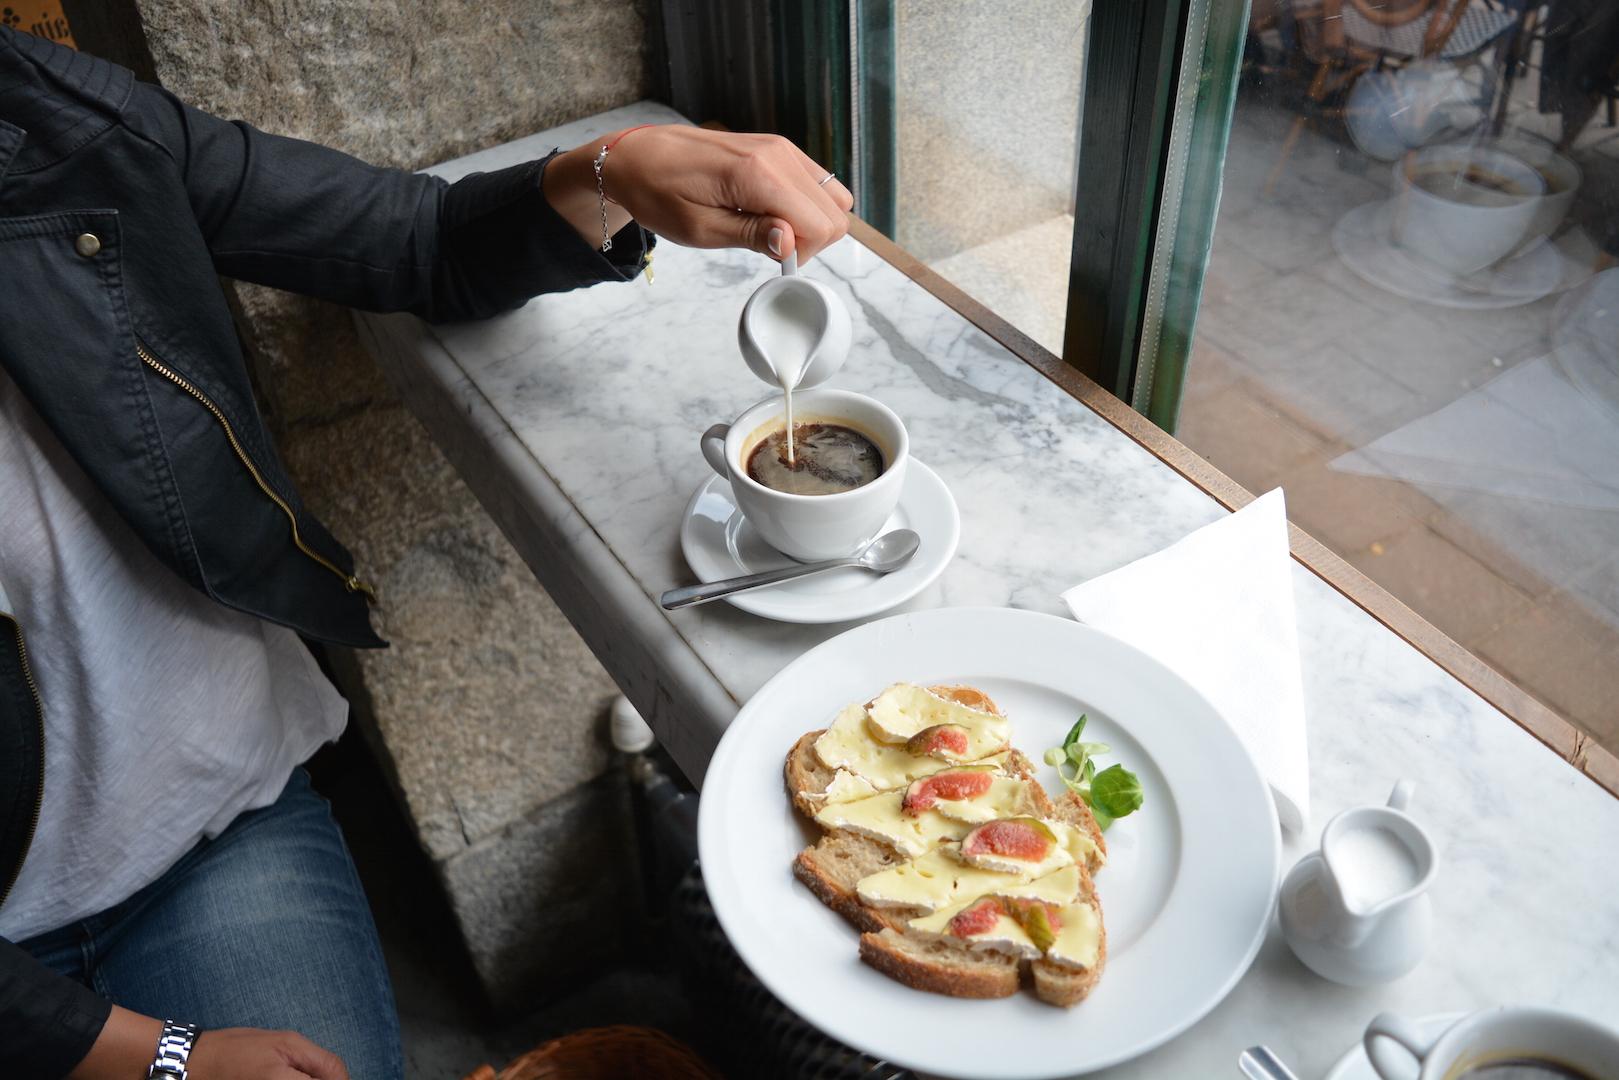 charlotte, chleb i wino, bistro, plac szczepański, kraków, co zjeść w krakowie, gdzie jeść kraków, śniadanie, charlotte chleb wino